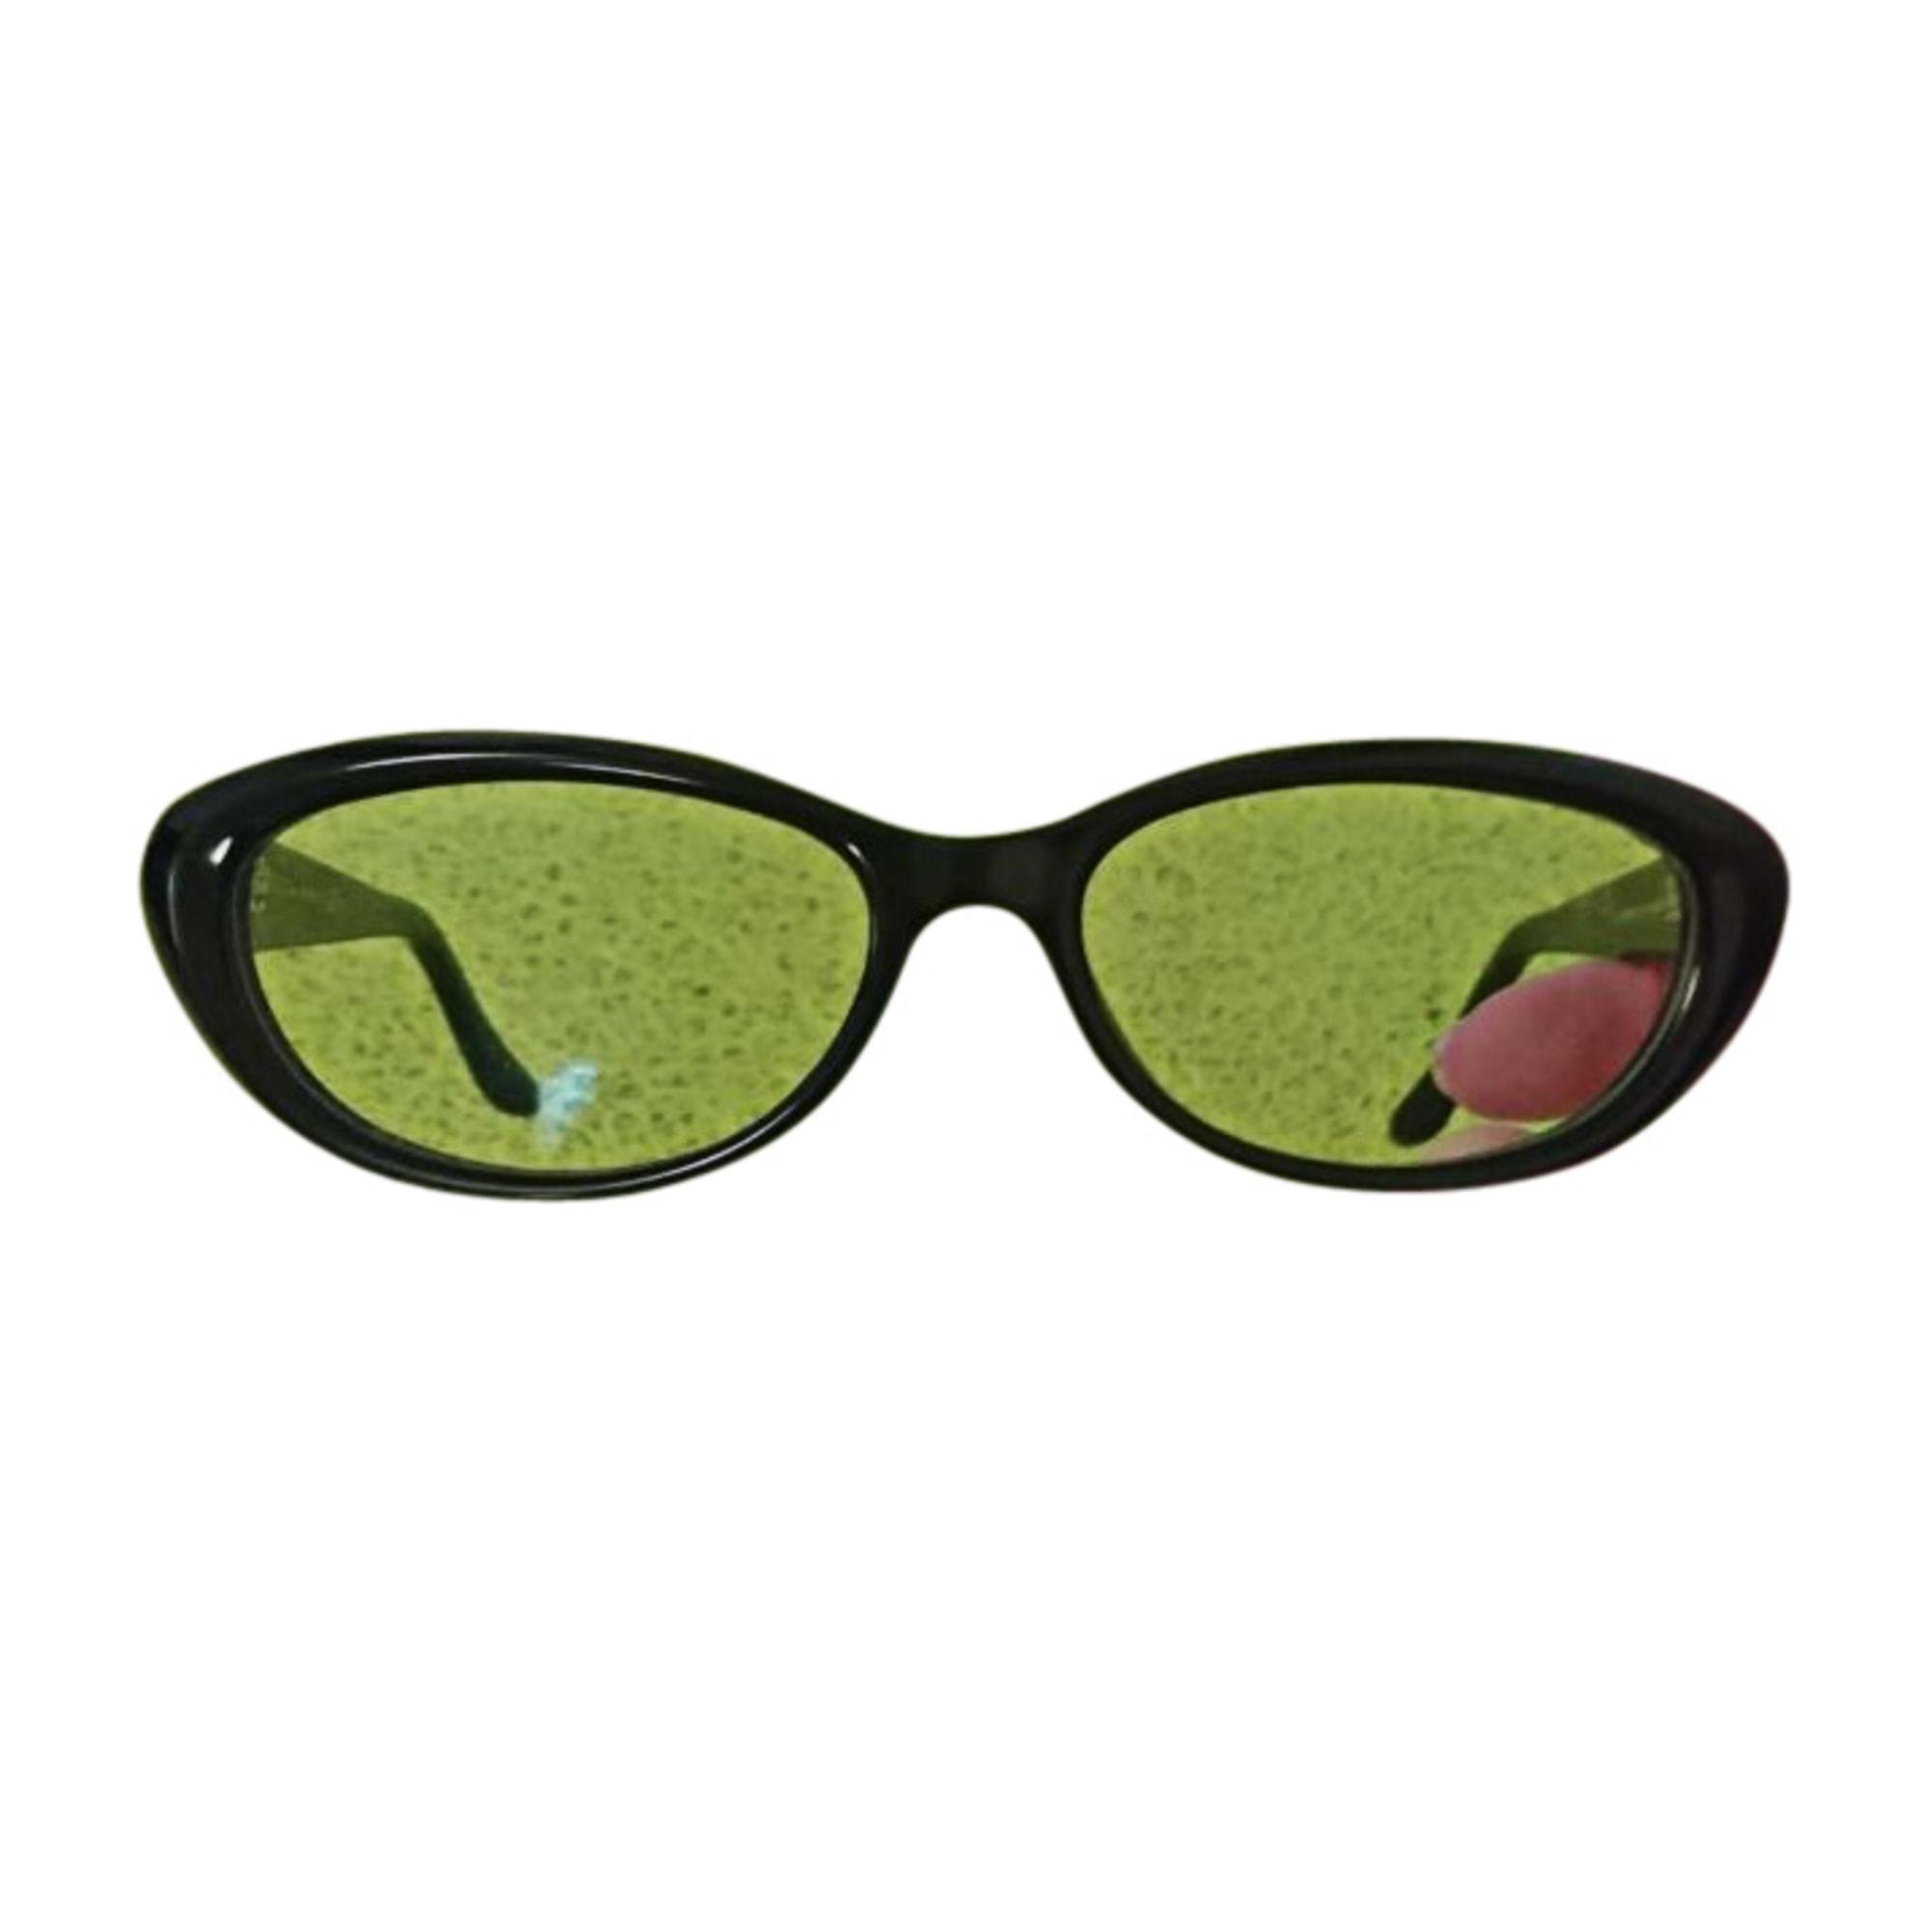 Eyeglass Frames GUCCI Black